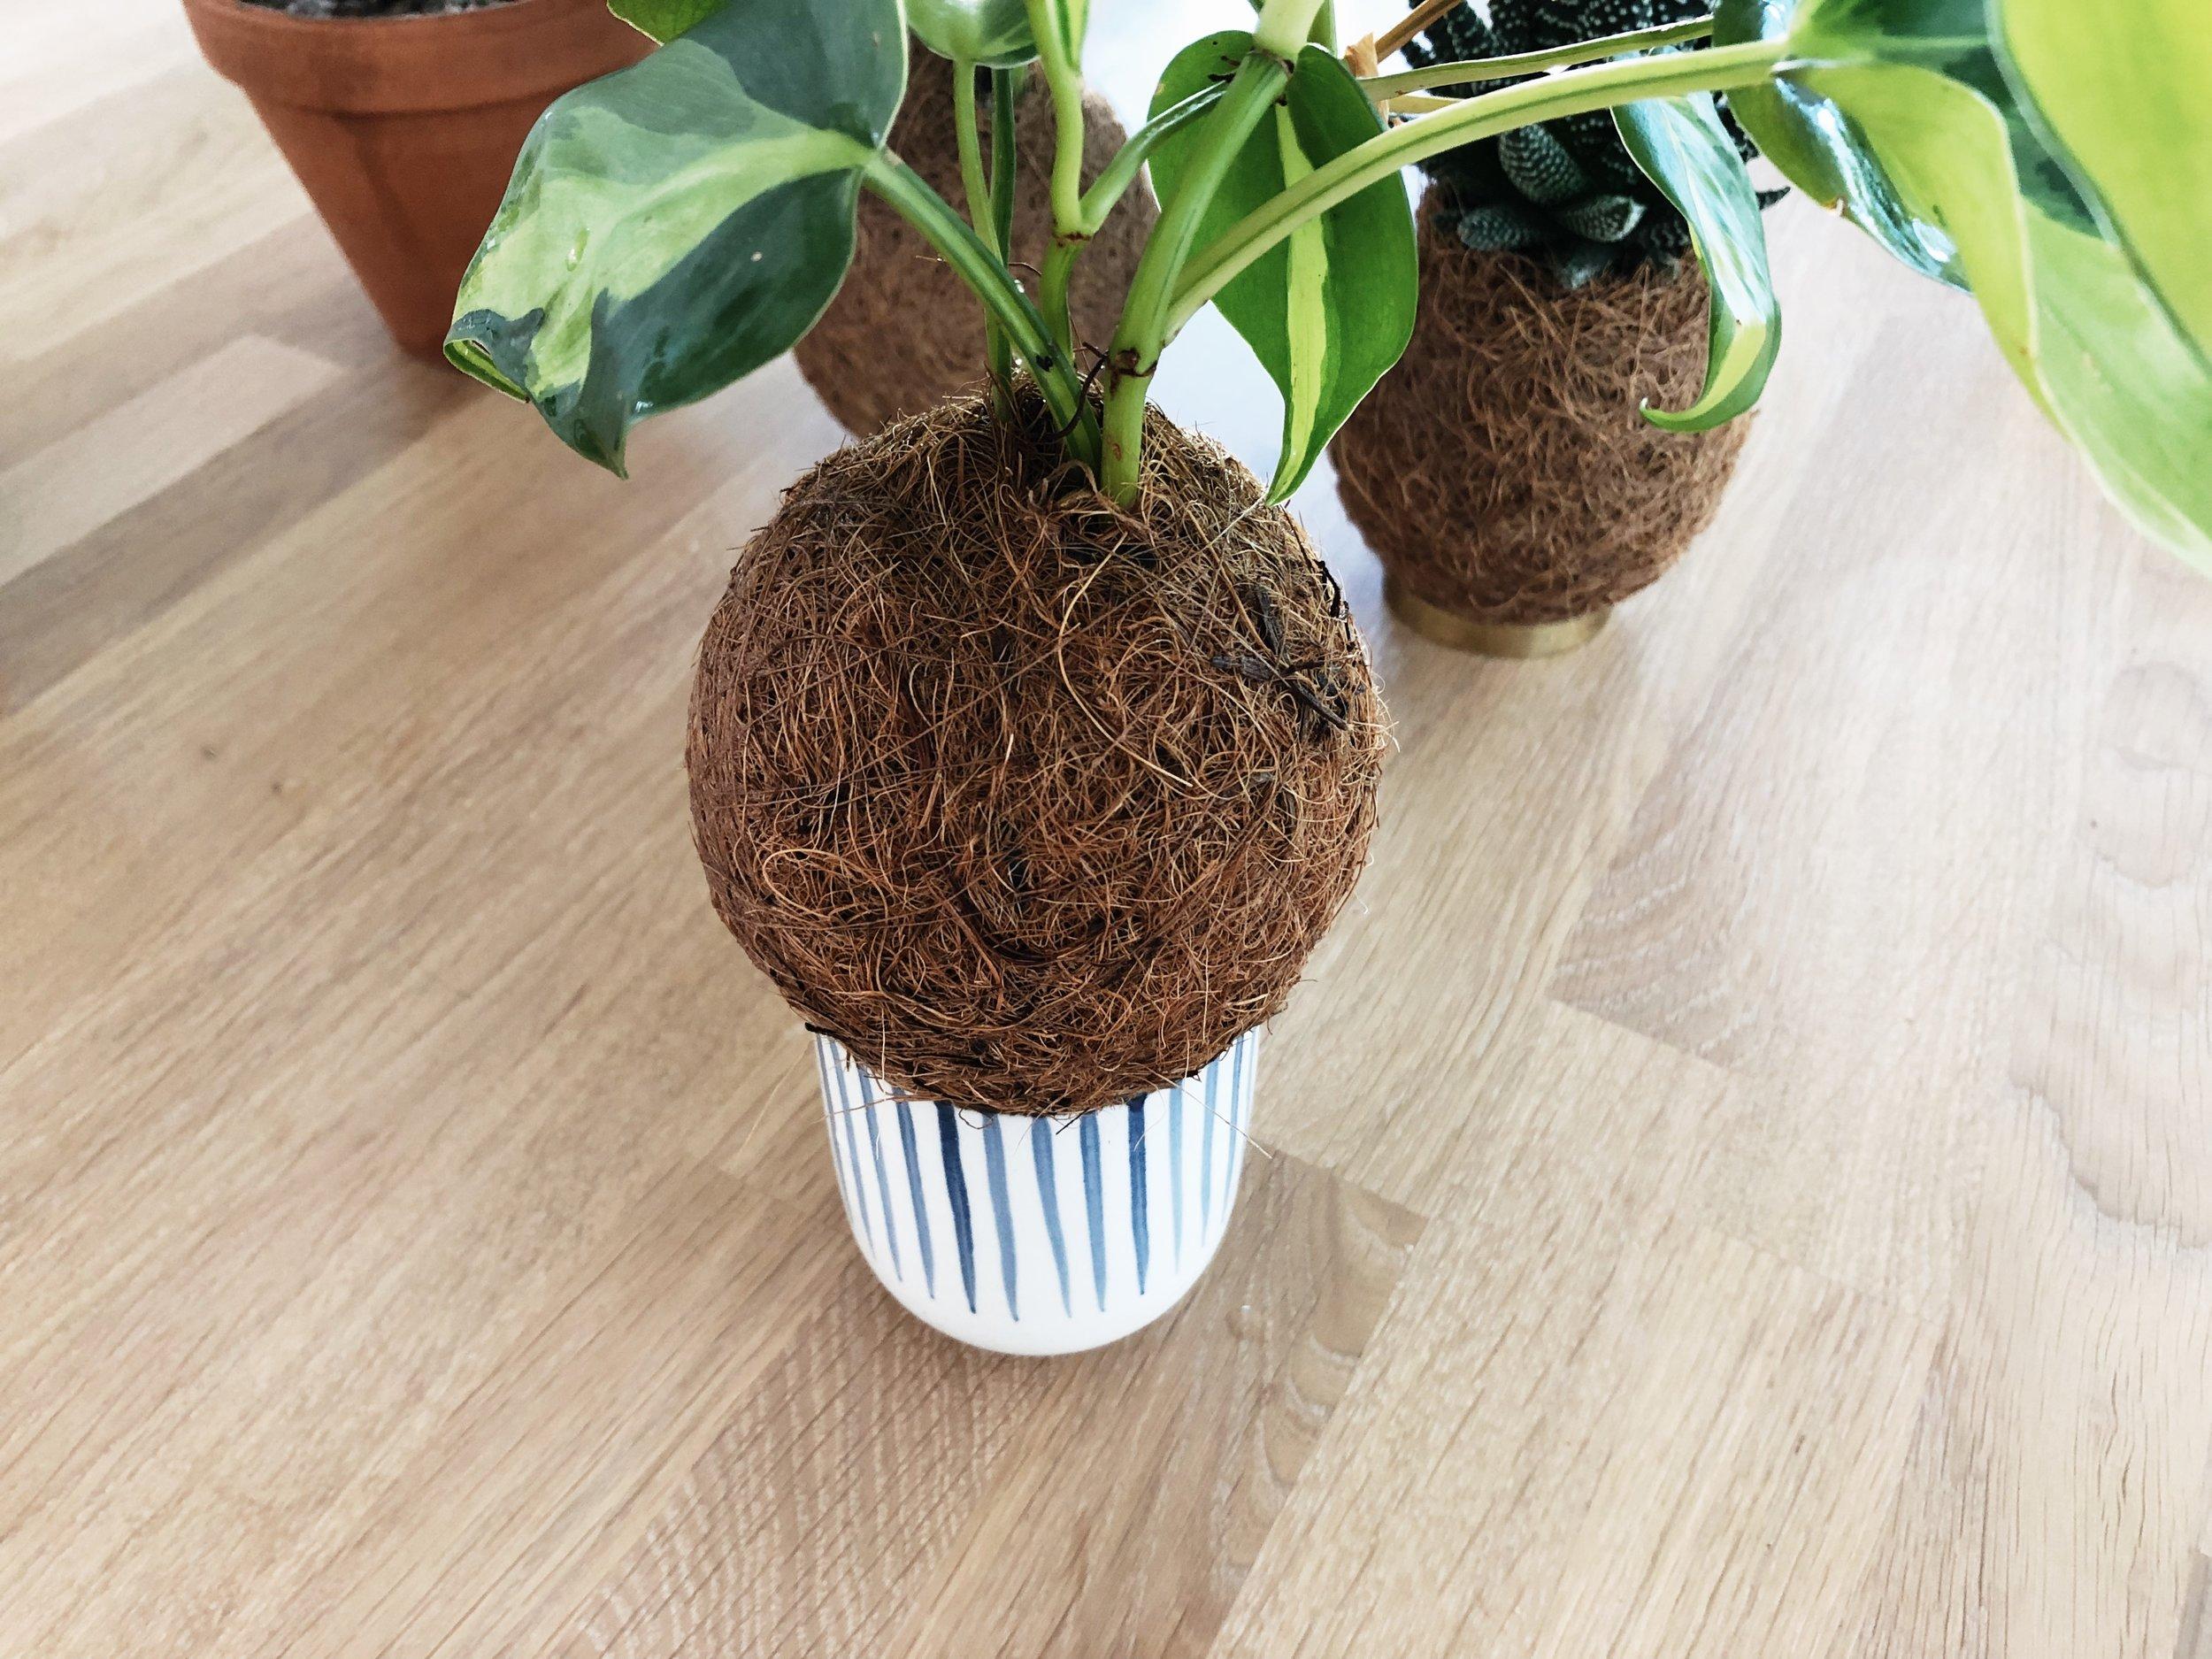 Schritt 5 - Lass Deinen Pflanzenbommel abtropfen*.*Wenn Du Deinen Pflanzenbommel abends wässerst und über Nacht abtropfen lässt, tropft am nächsten Tag sicher nichts mehr nach.